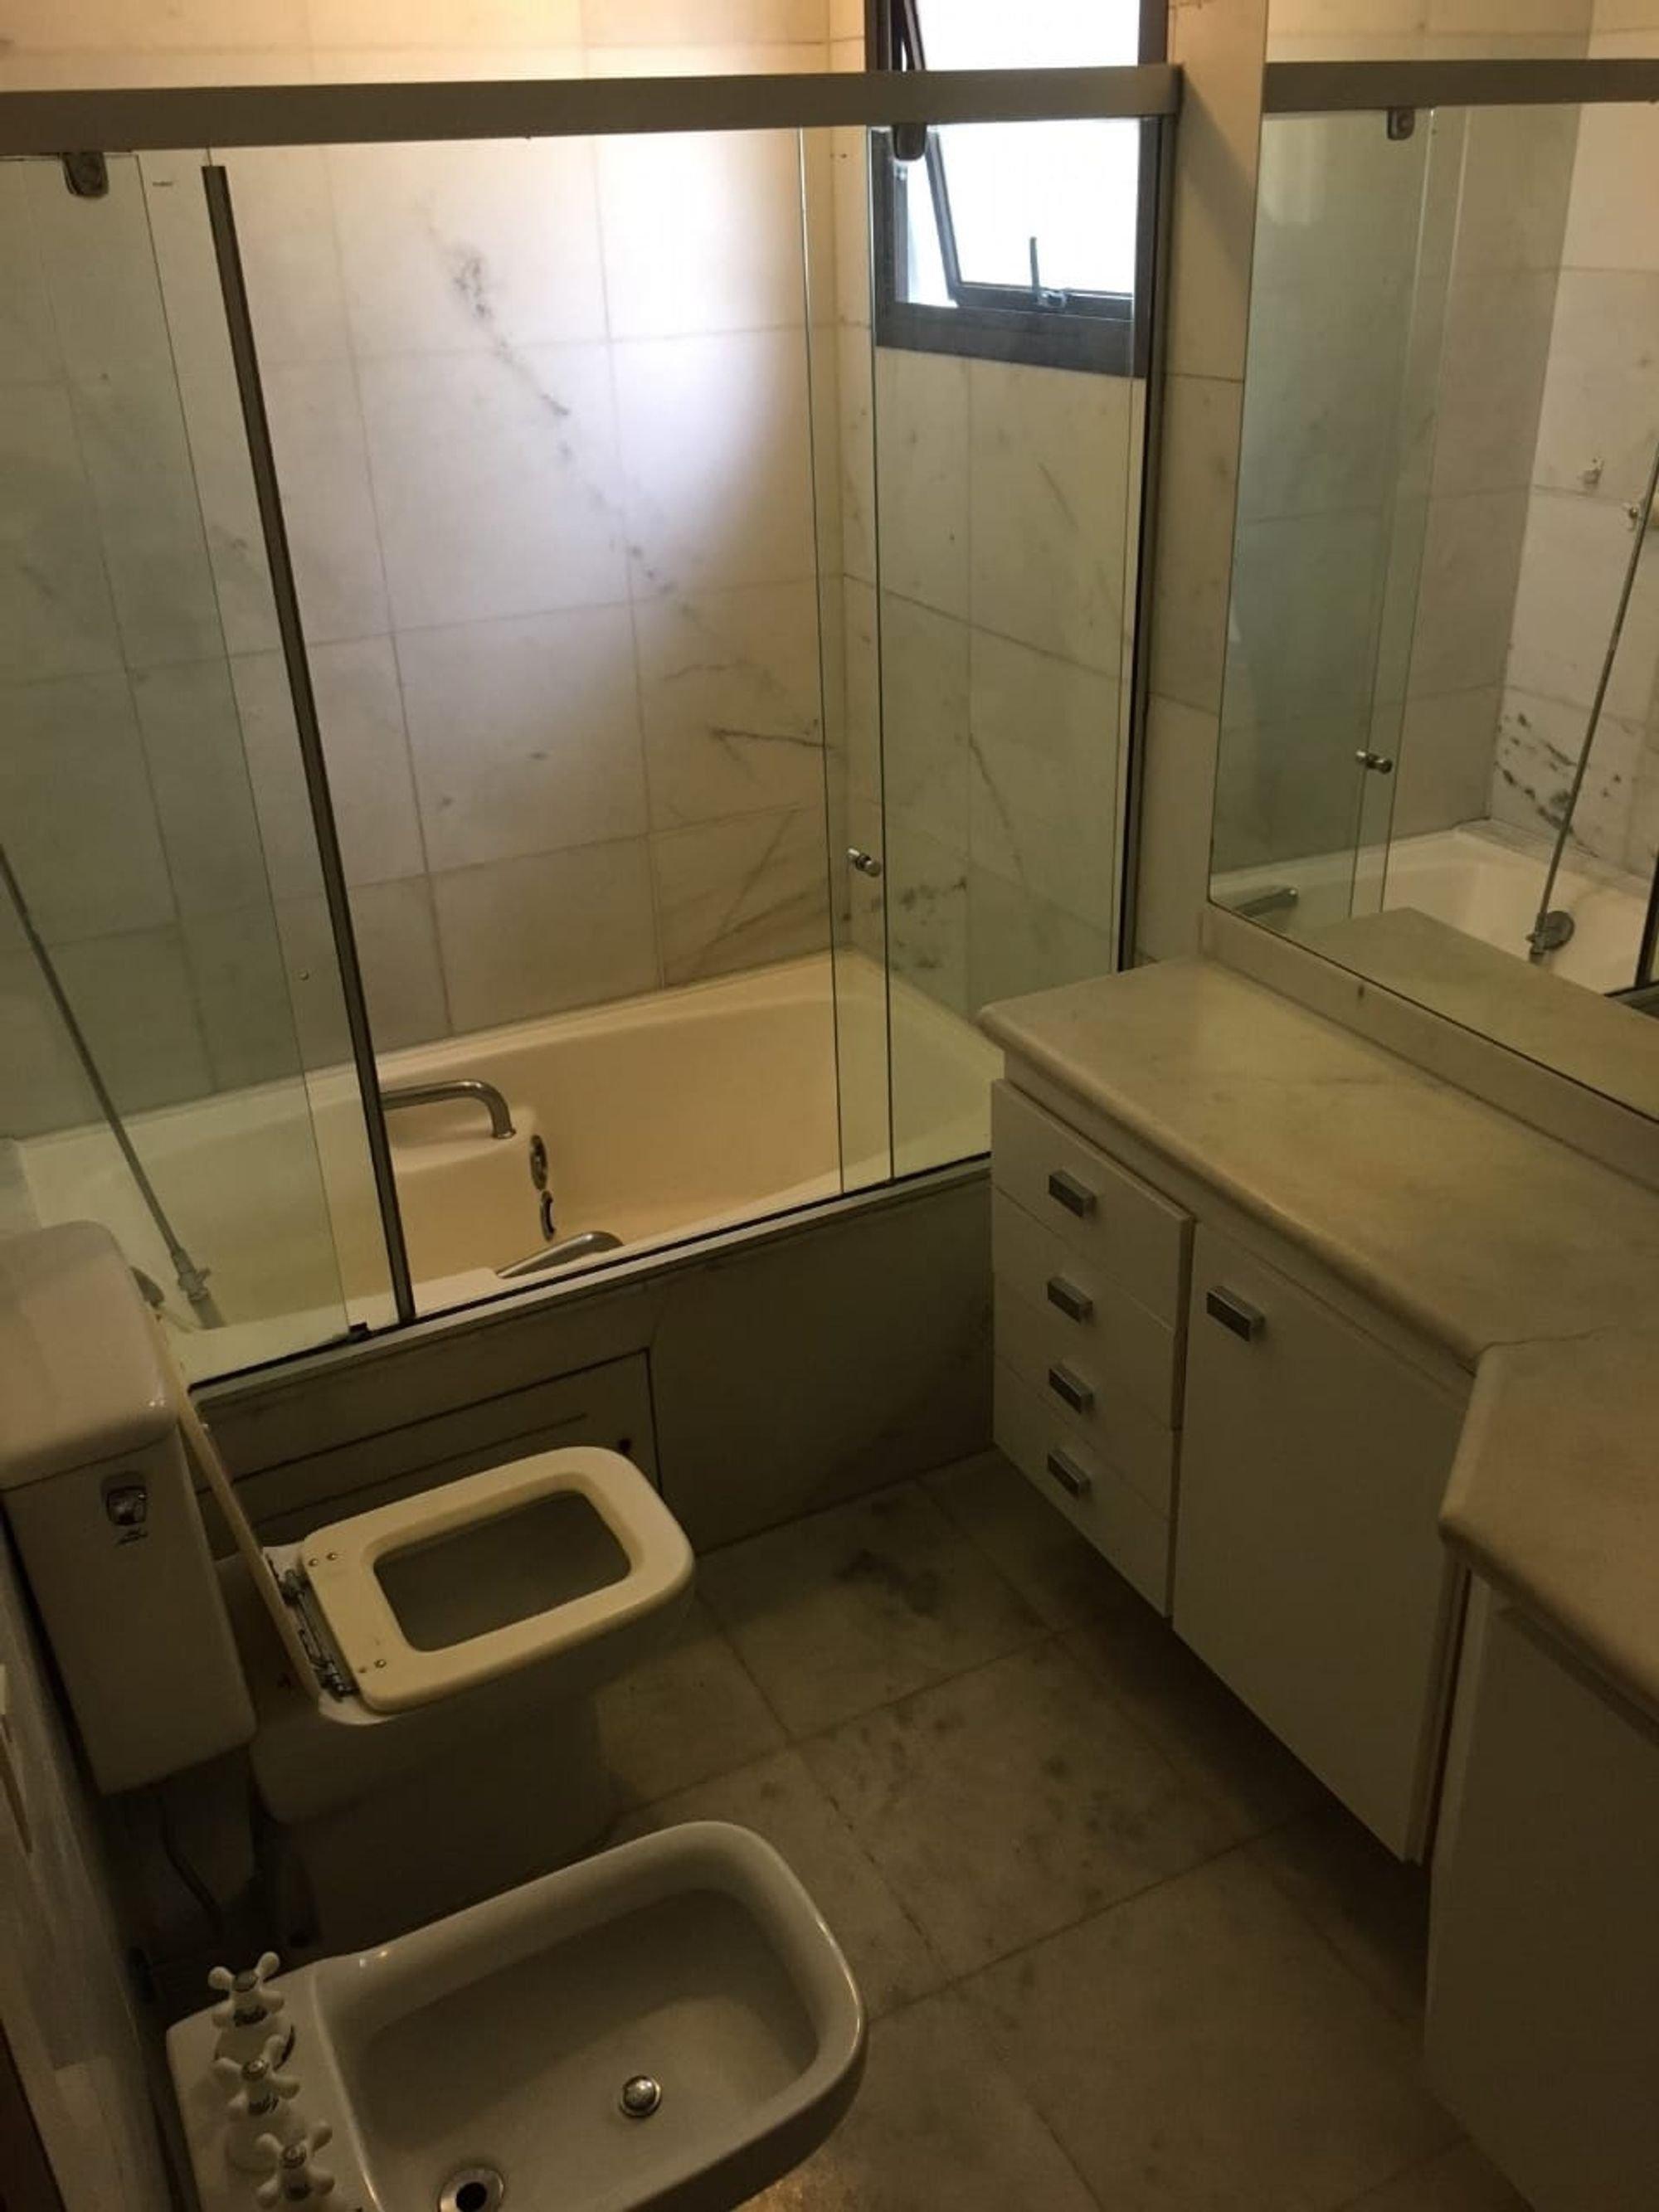 Foto de Banheiro com microondas